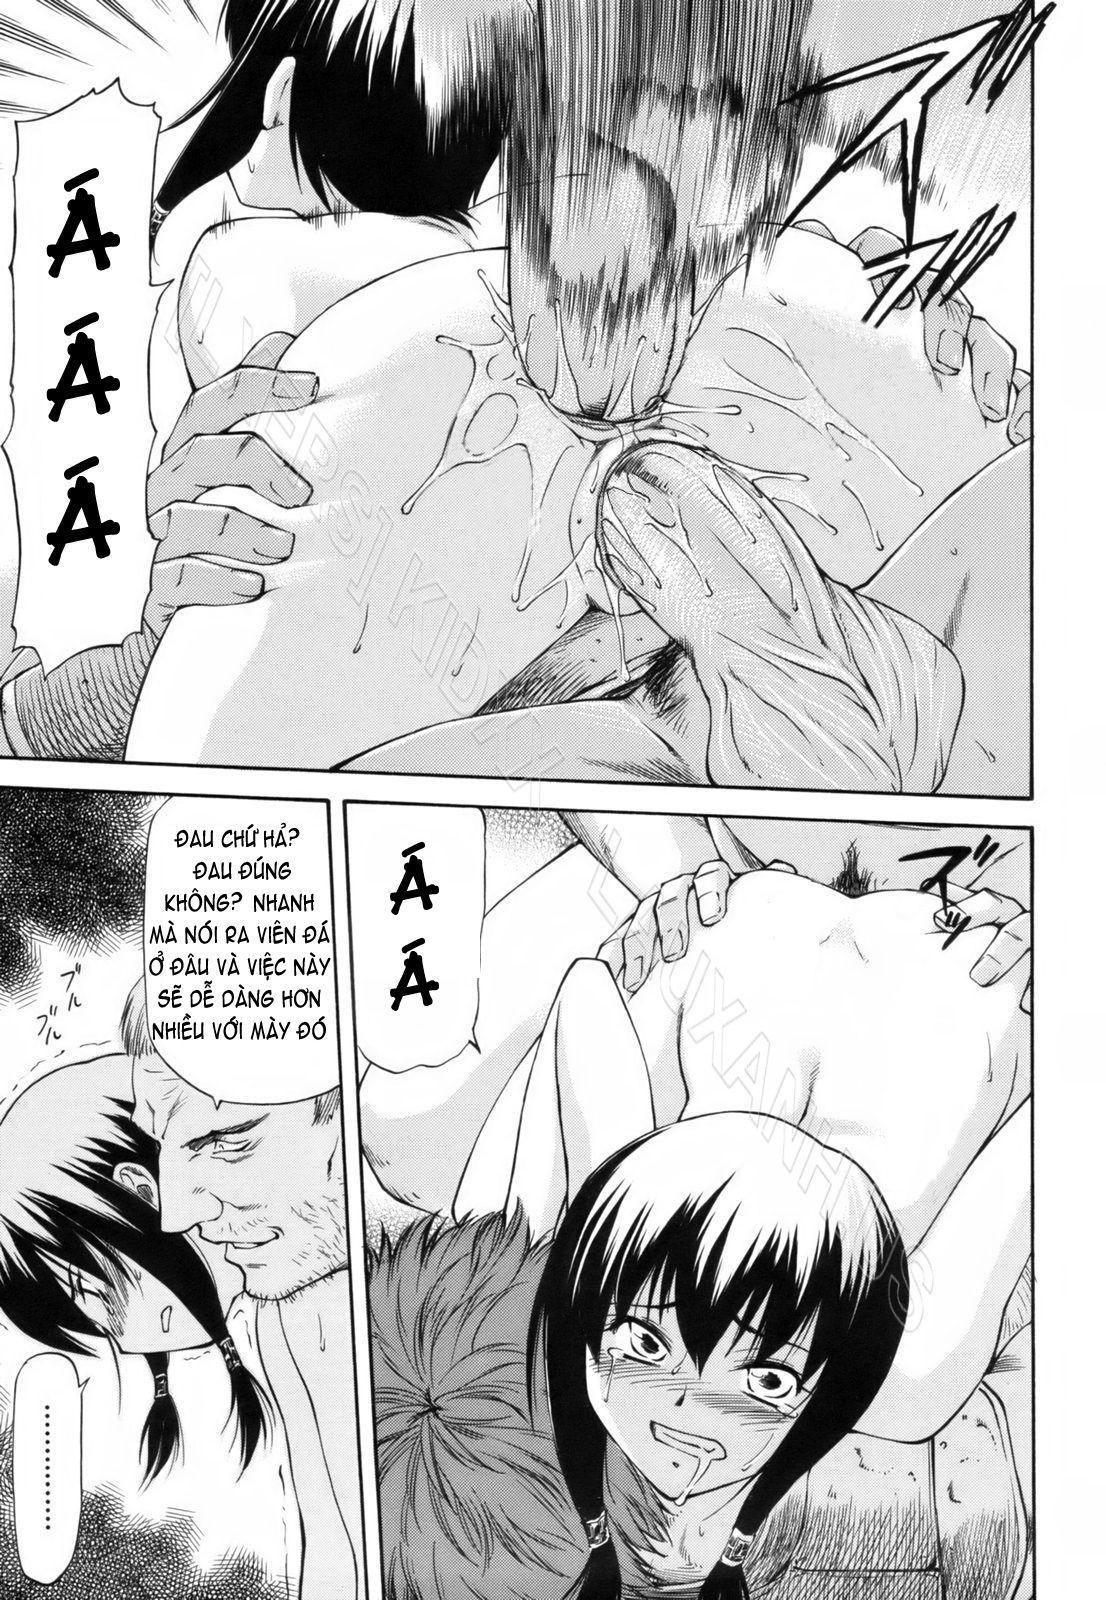 Hình ảnh Hinh_006 in Truyện tranh hentai không che: Parabellum